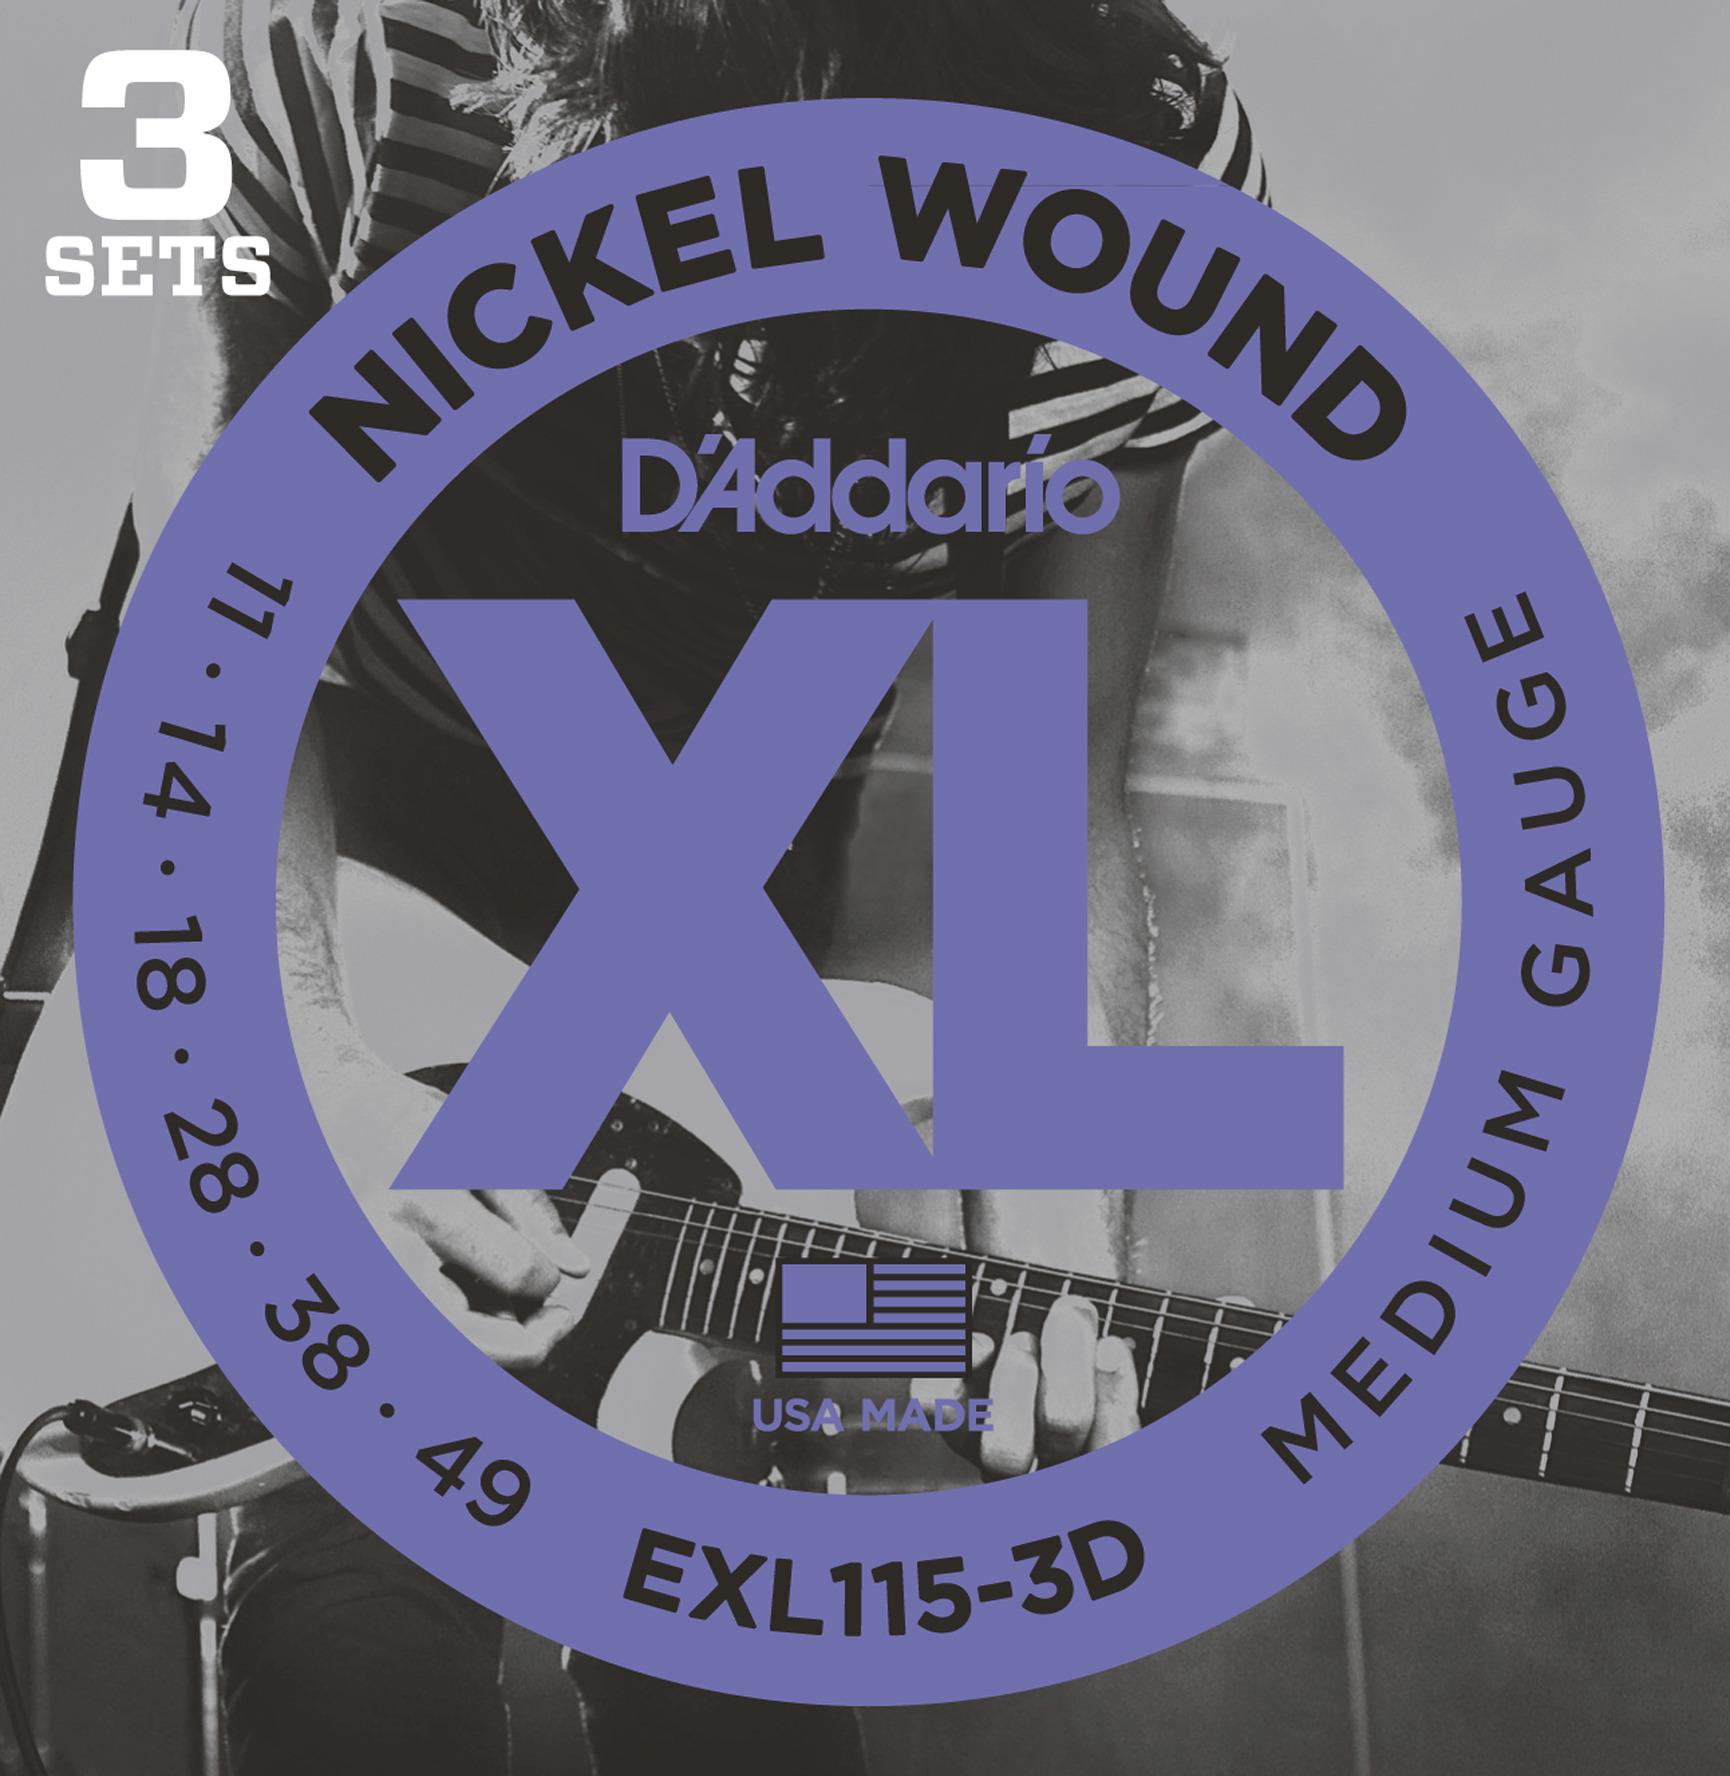 Daddario EXL115-3D Saitensatz für E-Gitarre 3er Pack